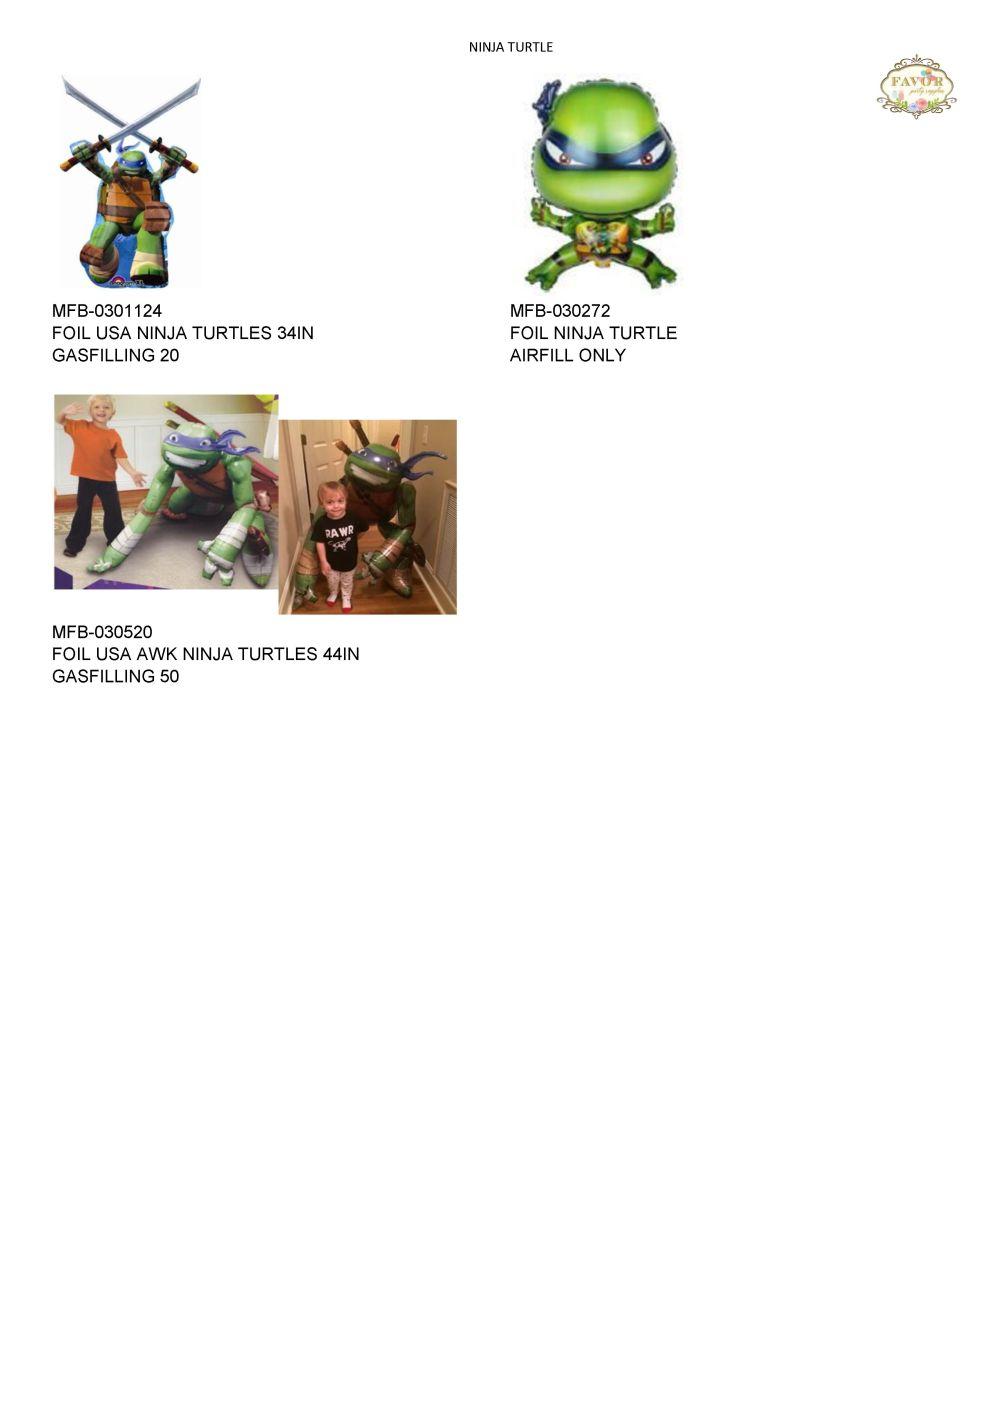 katalog ninja turtle.jpg